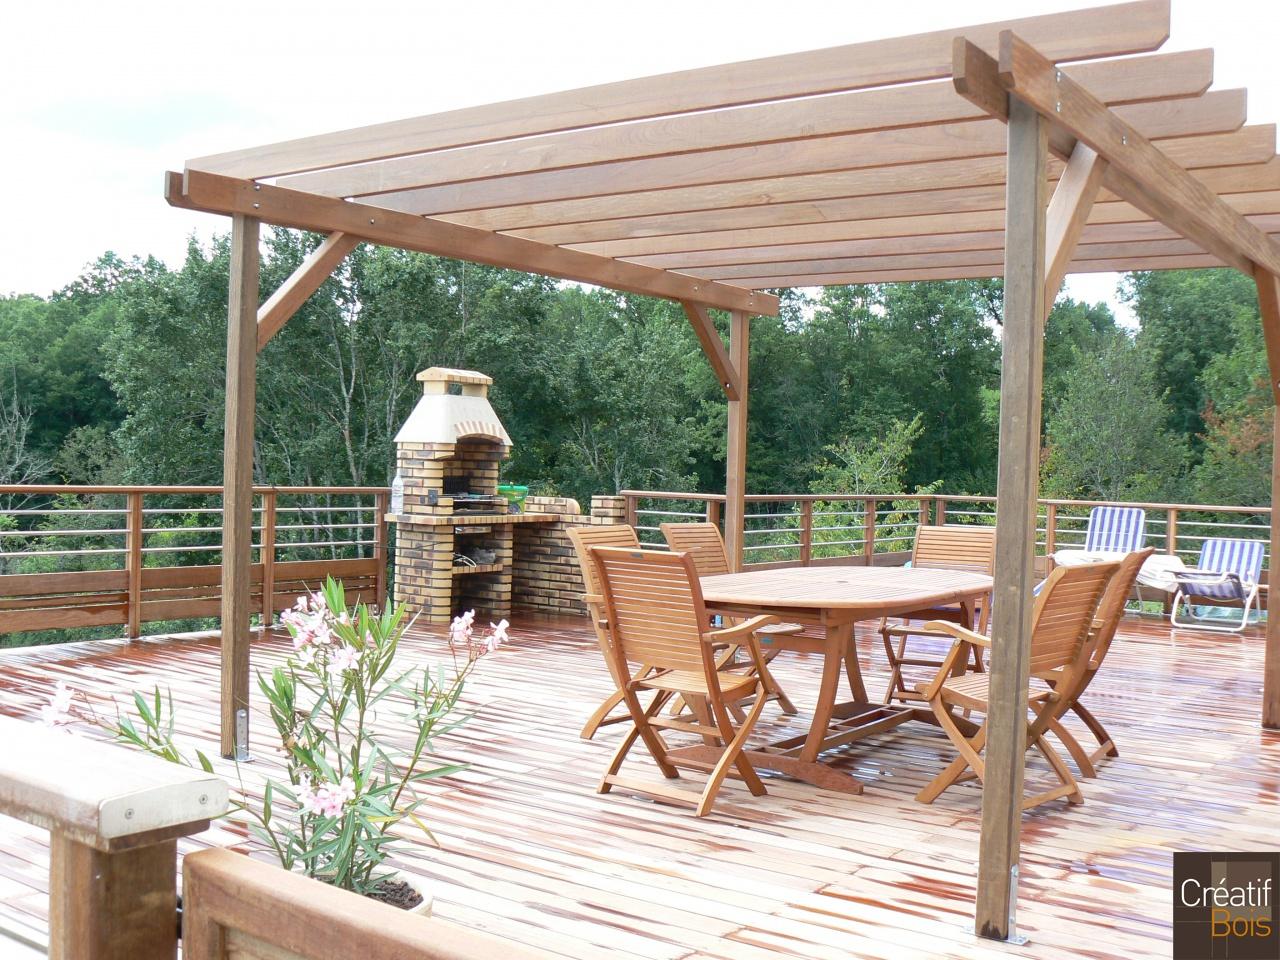 terrasse pergola bois affordable terrasse pergola bois with terrasse pergola bois stunning. Black Bedroom Furniture Sets. Home Design Ideas